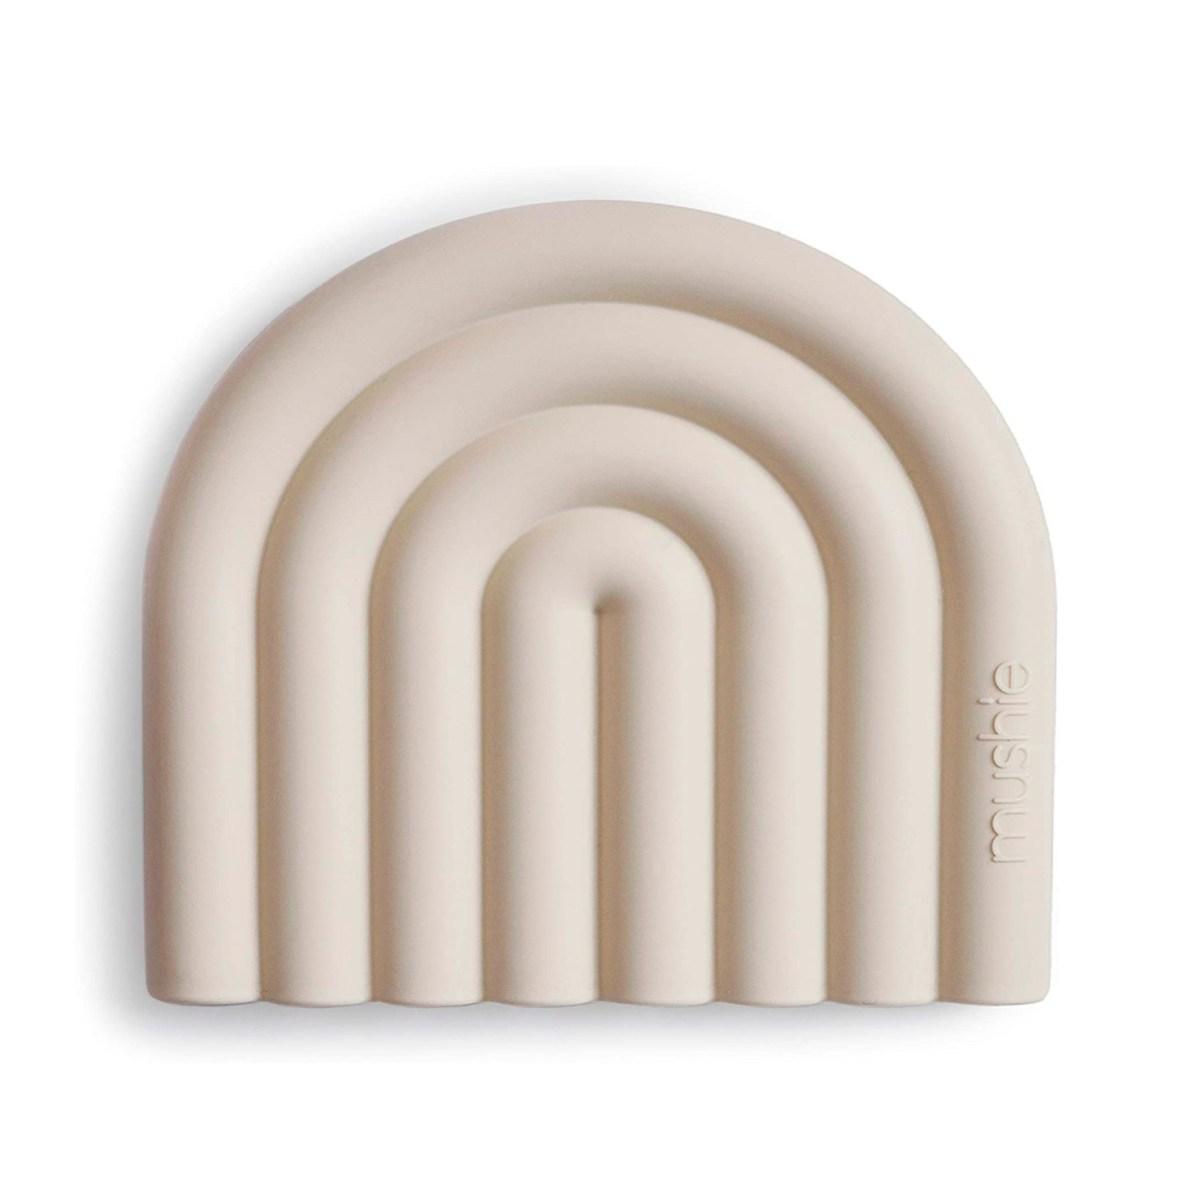 Mordedor silicona Arcoiris Mushie Shifting Sand